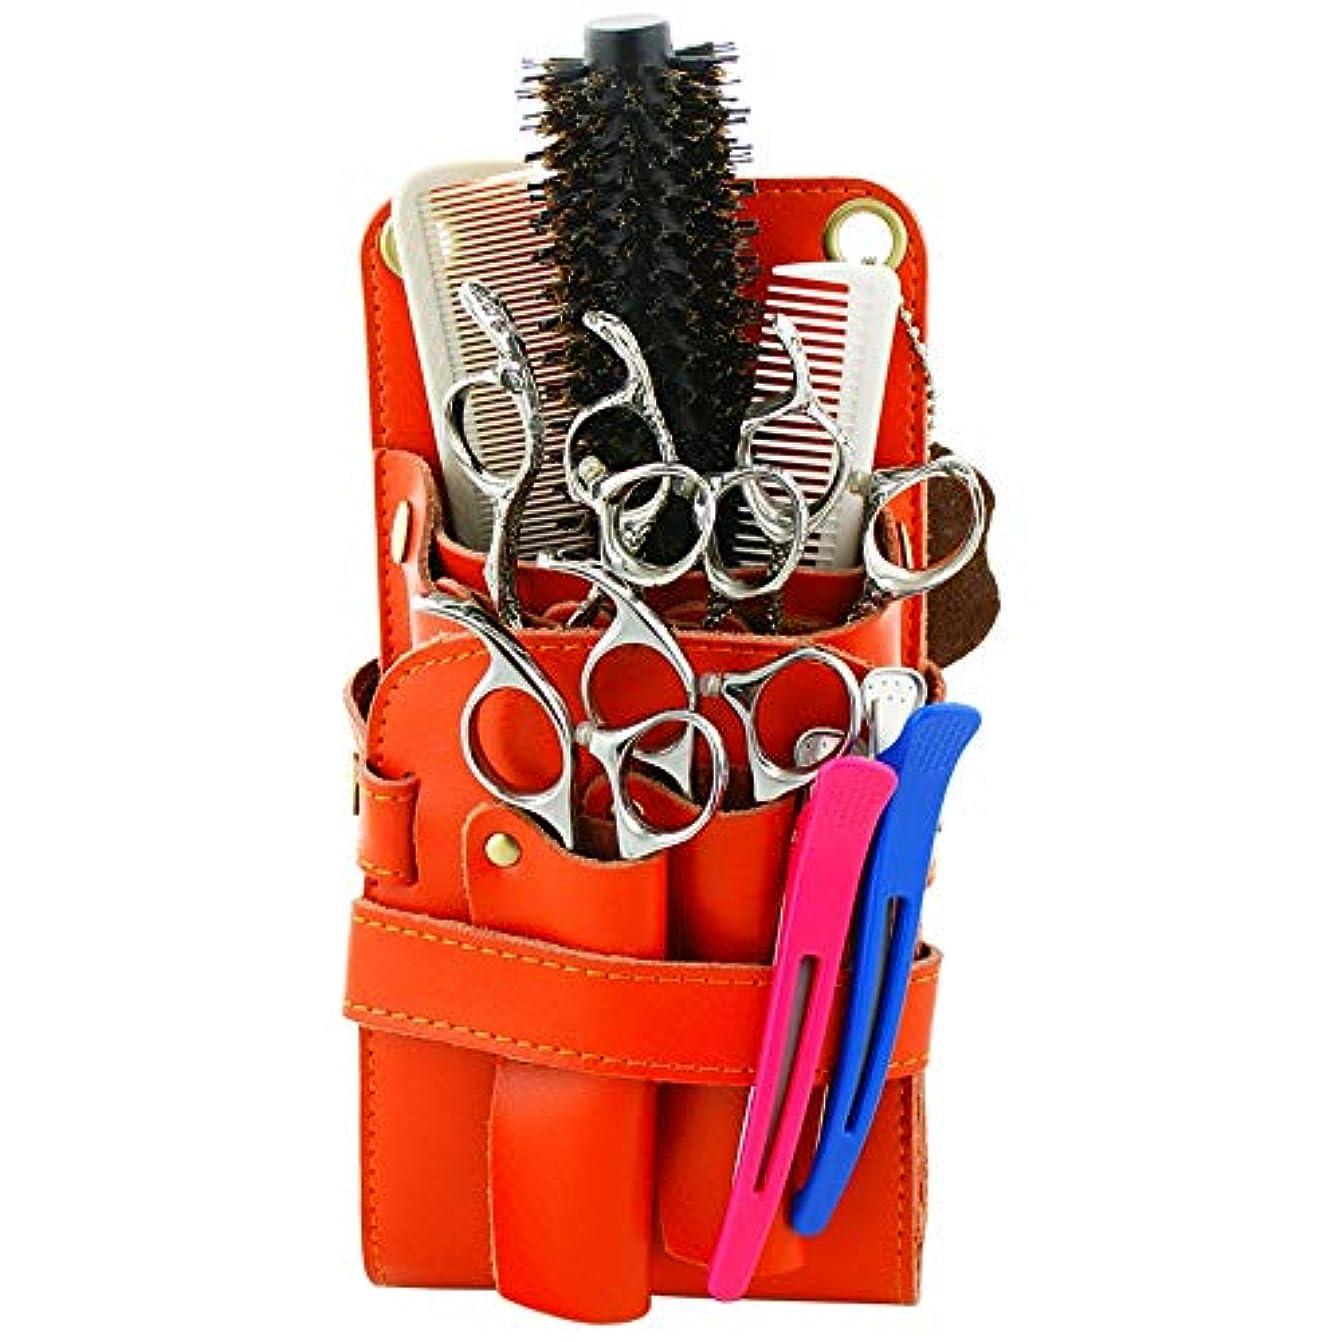 代替スキャンする必要がある多機能ヘアスタイリストホルスターポーチ自分革理髪はさみ櫛櫛理髪ベルトポーチ モデリングツール (色 : オレンジ)